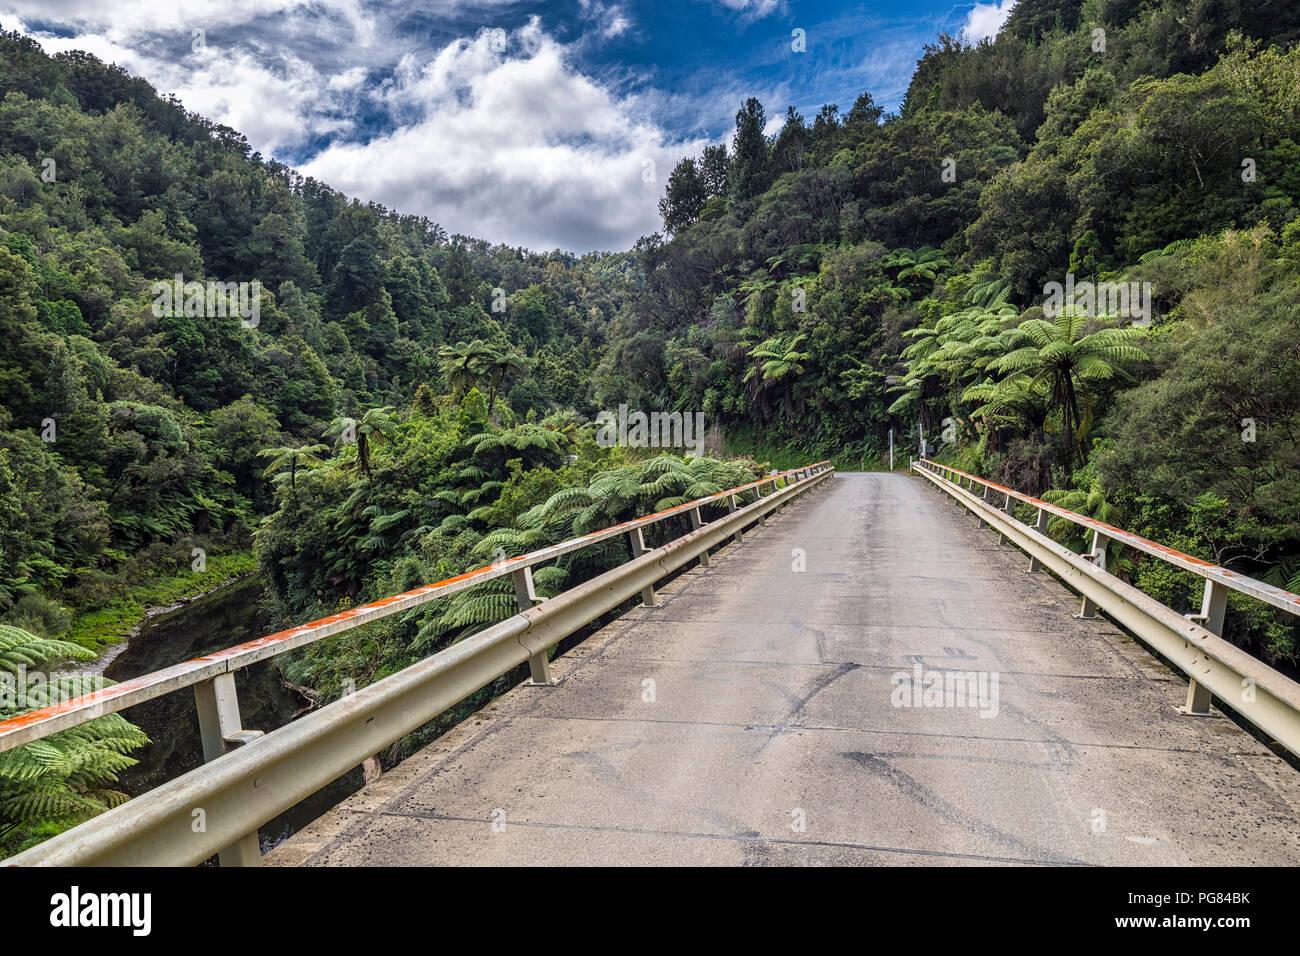 Nuova Zelanda, Isola del nord, Taranaki, mondo dimenticato autostrada Immagini Stock